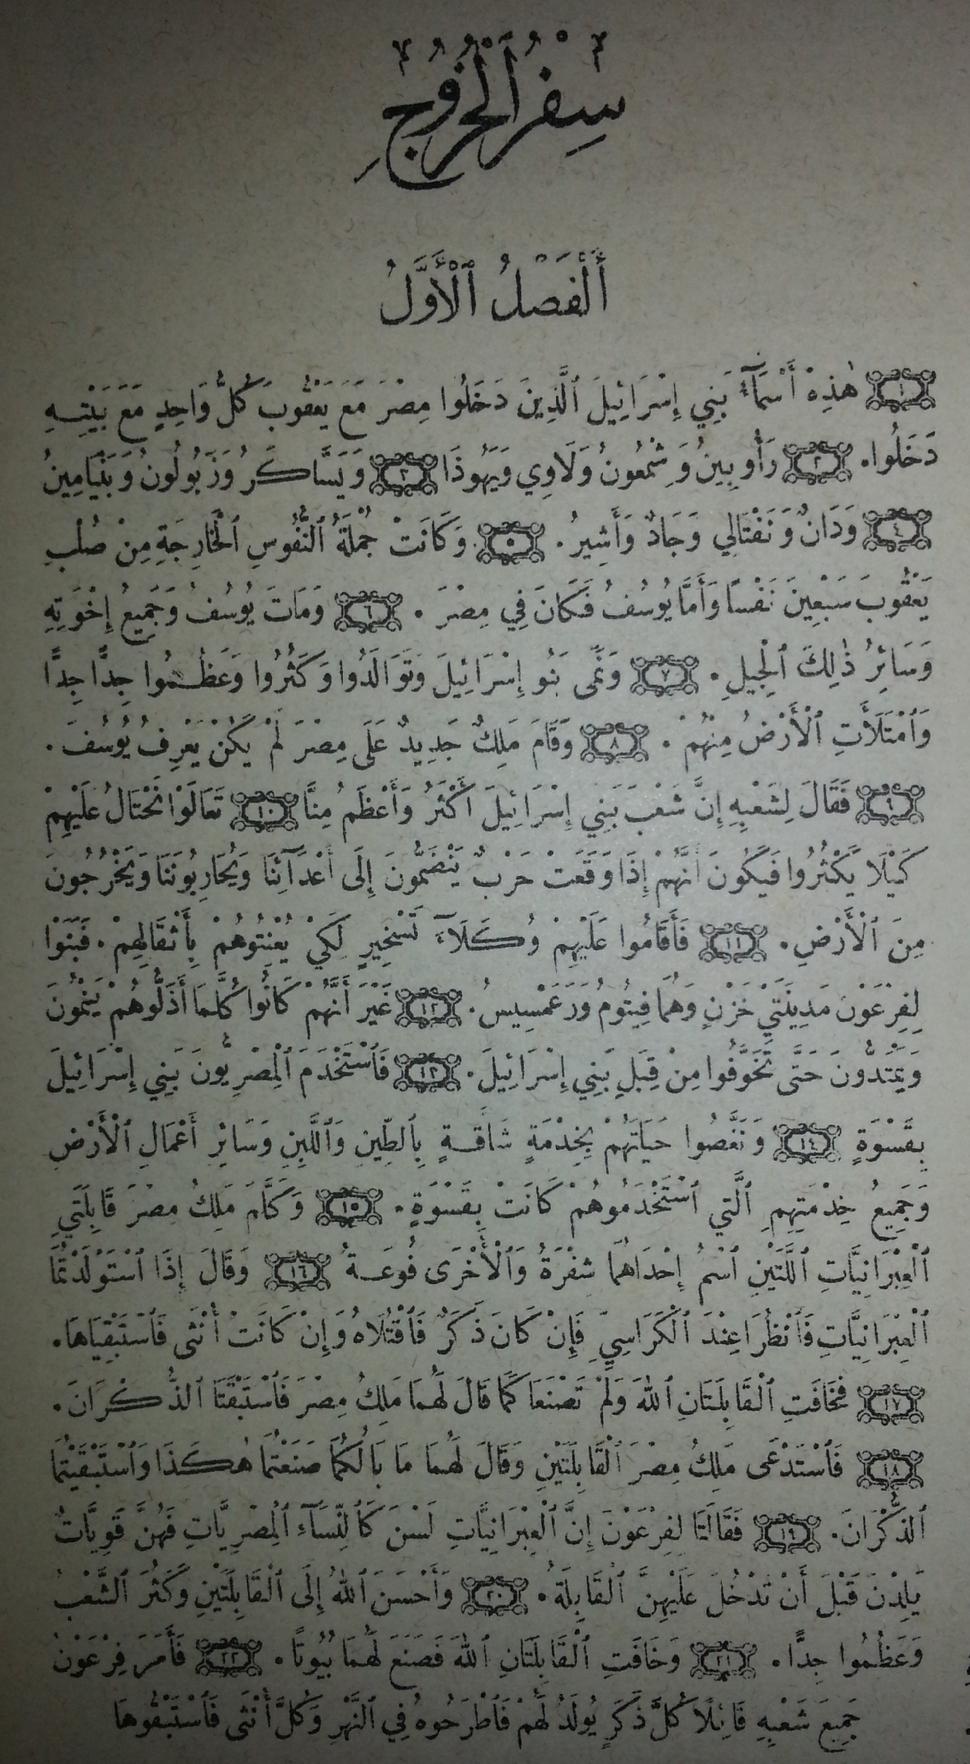 سفر الخروج بالعربيَّة